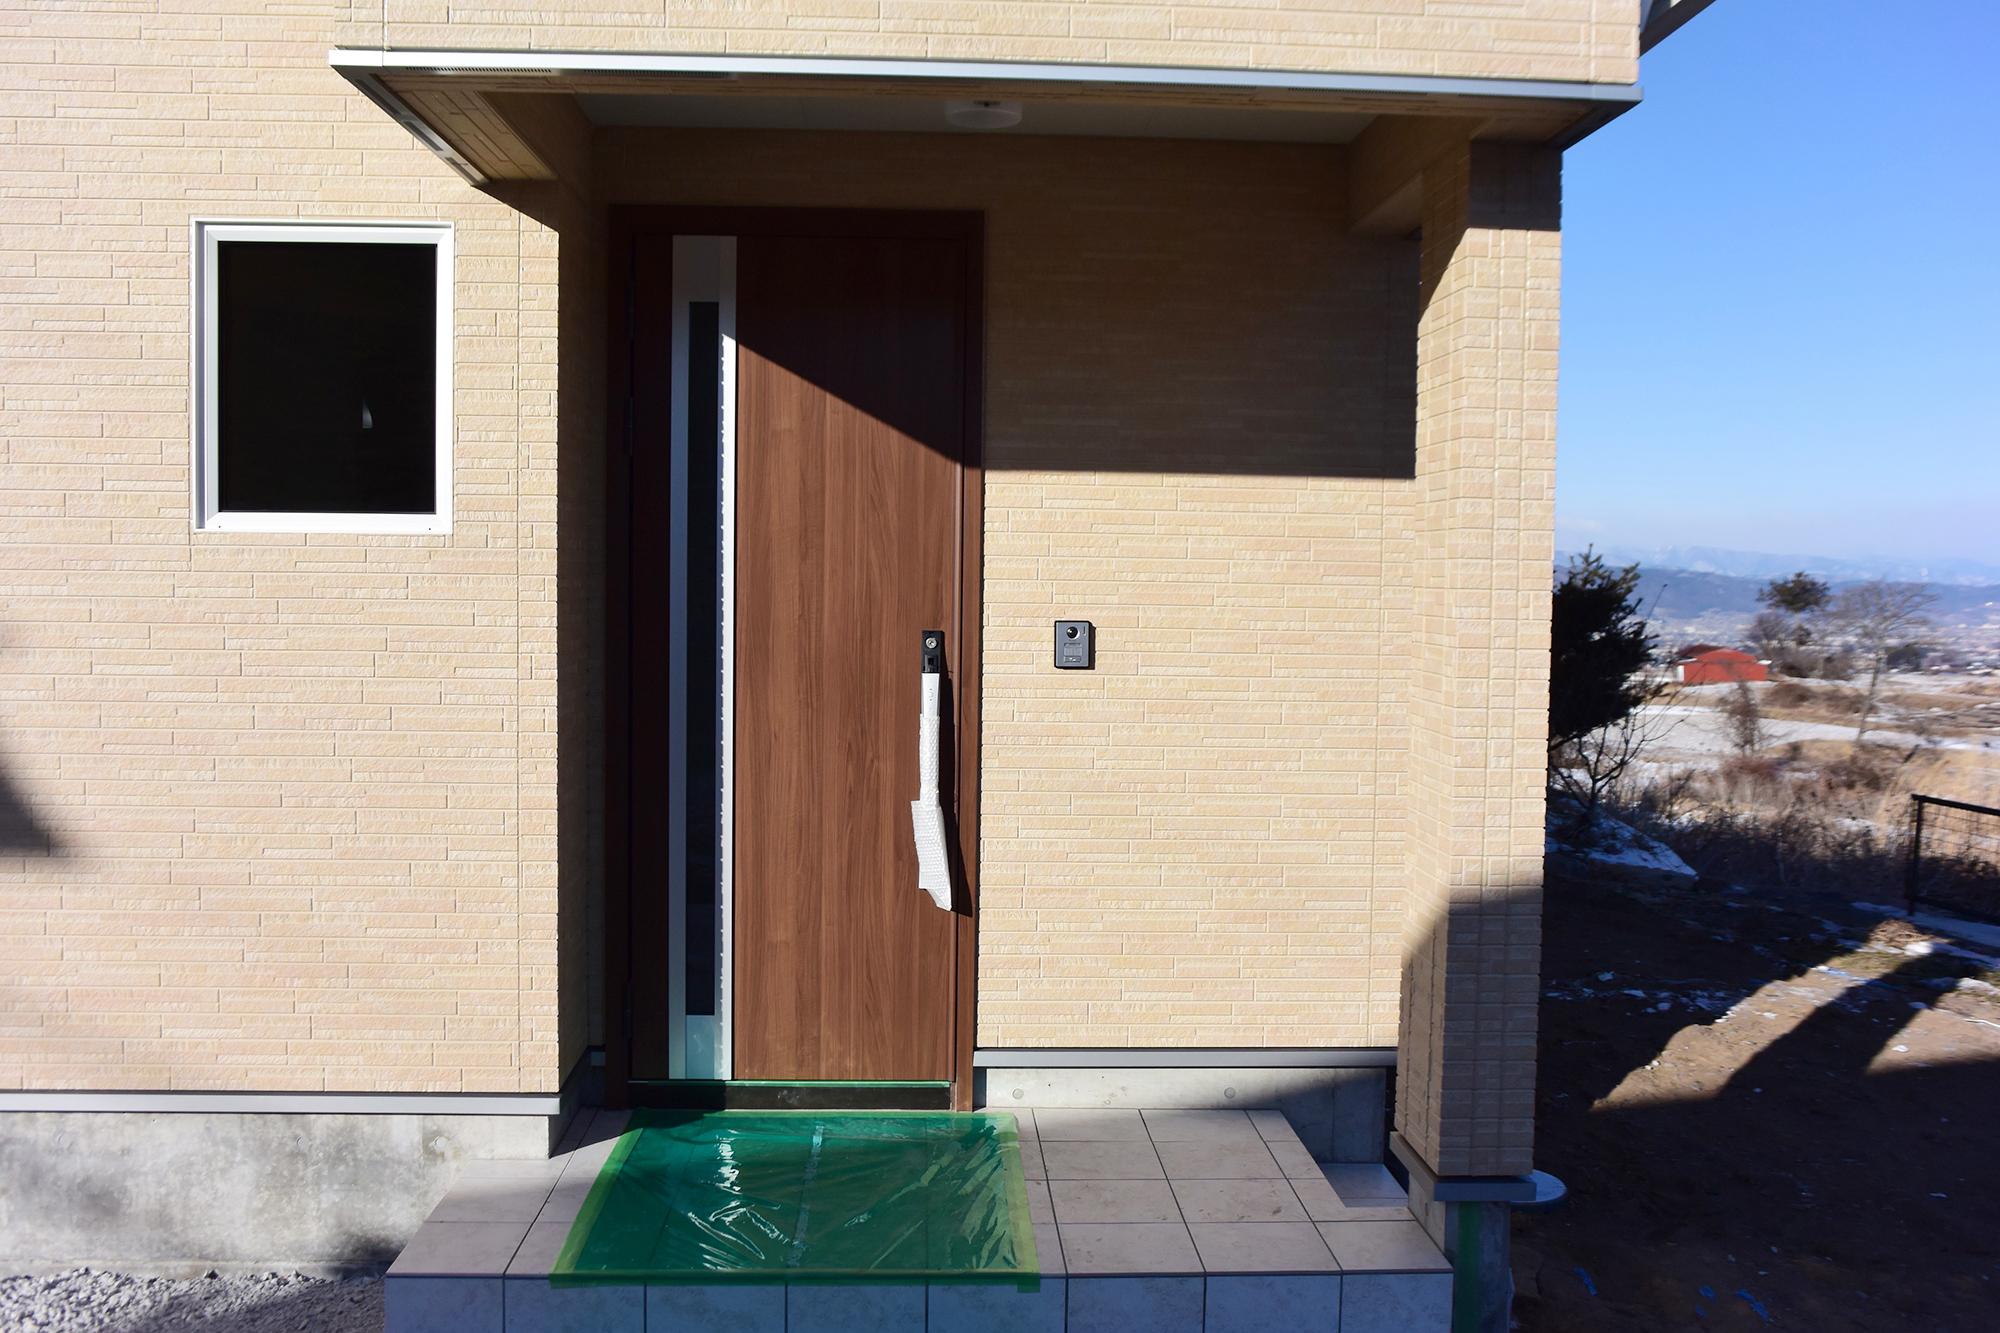 明るく広がる玄関ポーチ。外壁と玄関扉が実にマッチしていてとても良いセンスを感じます。